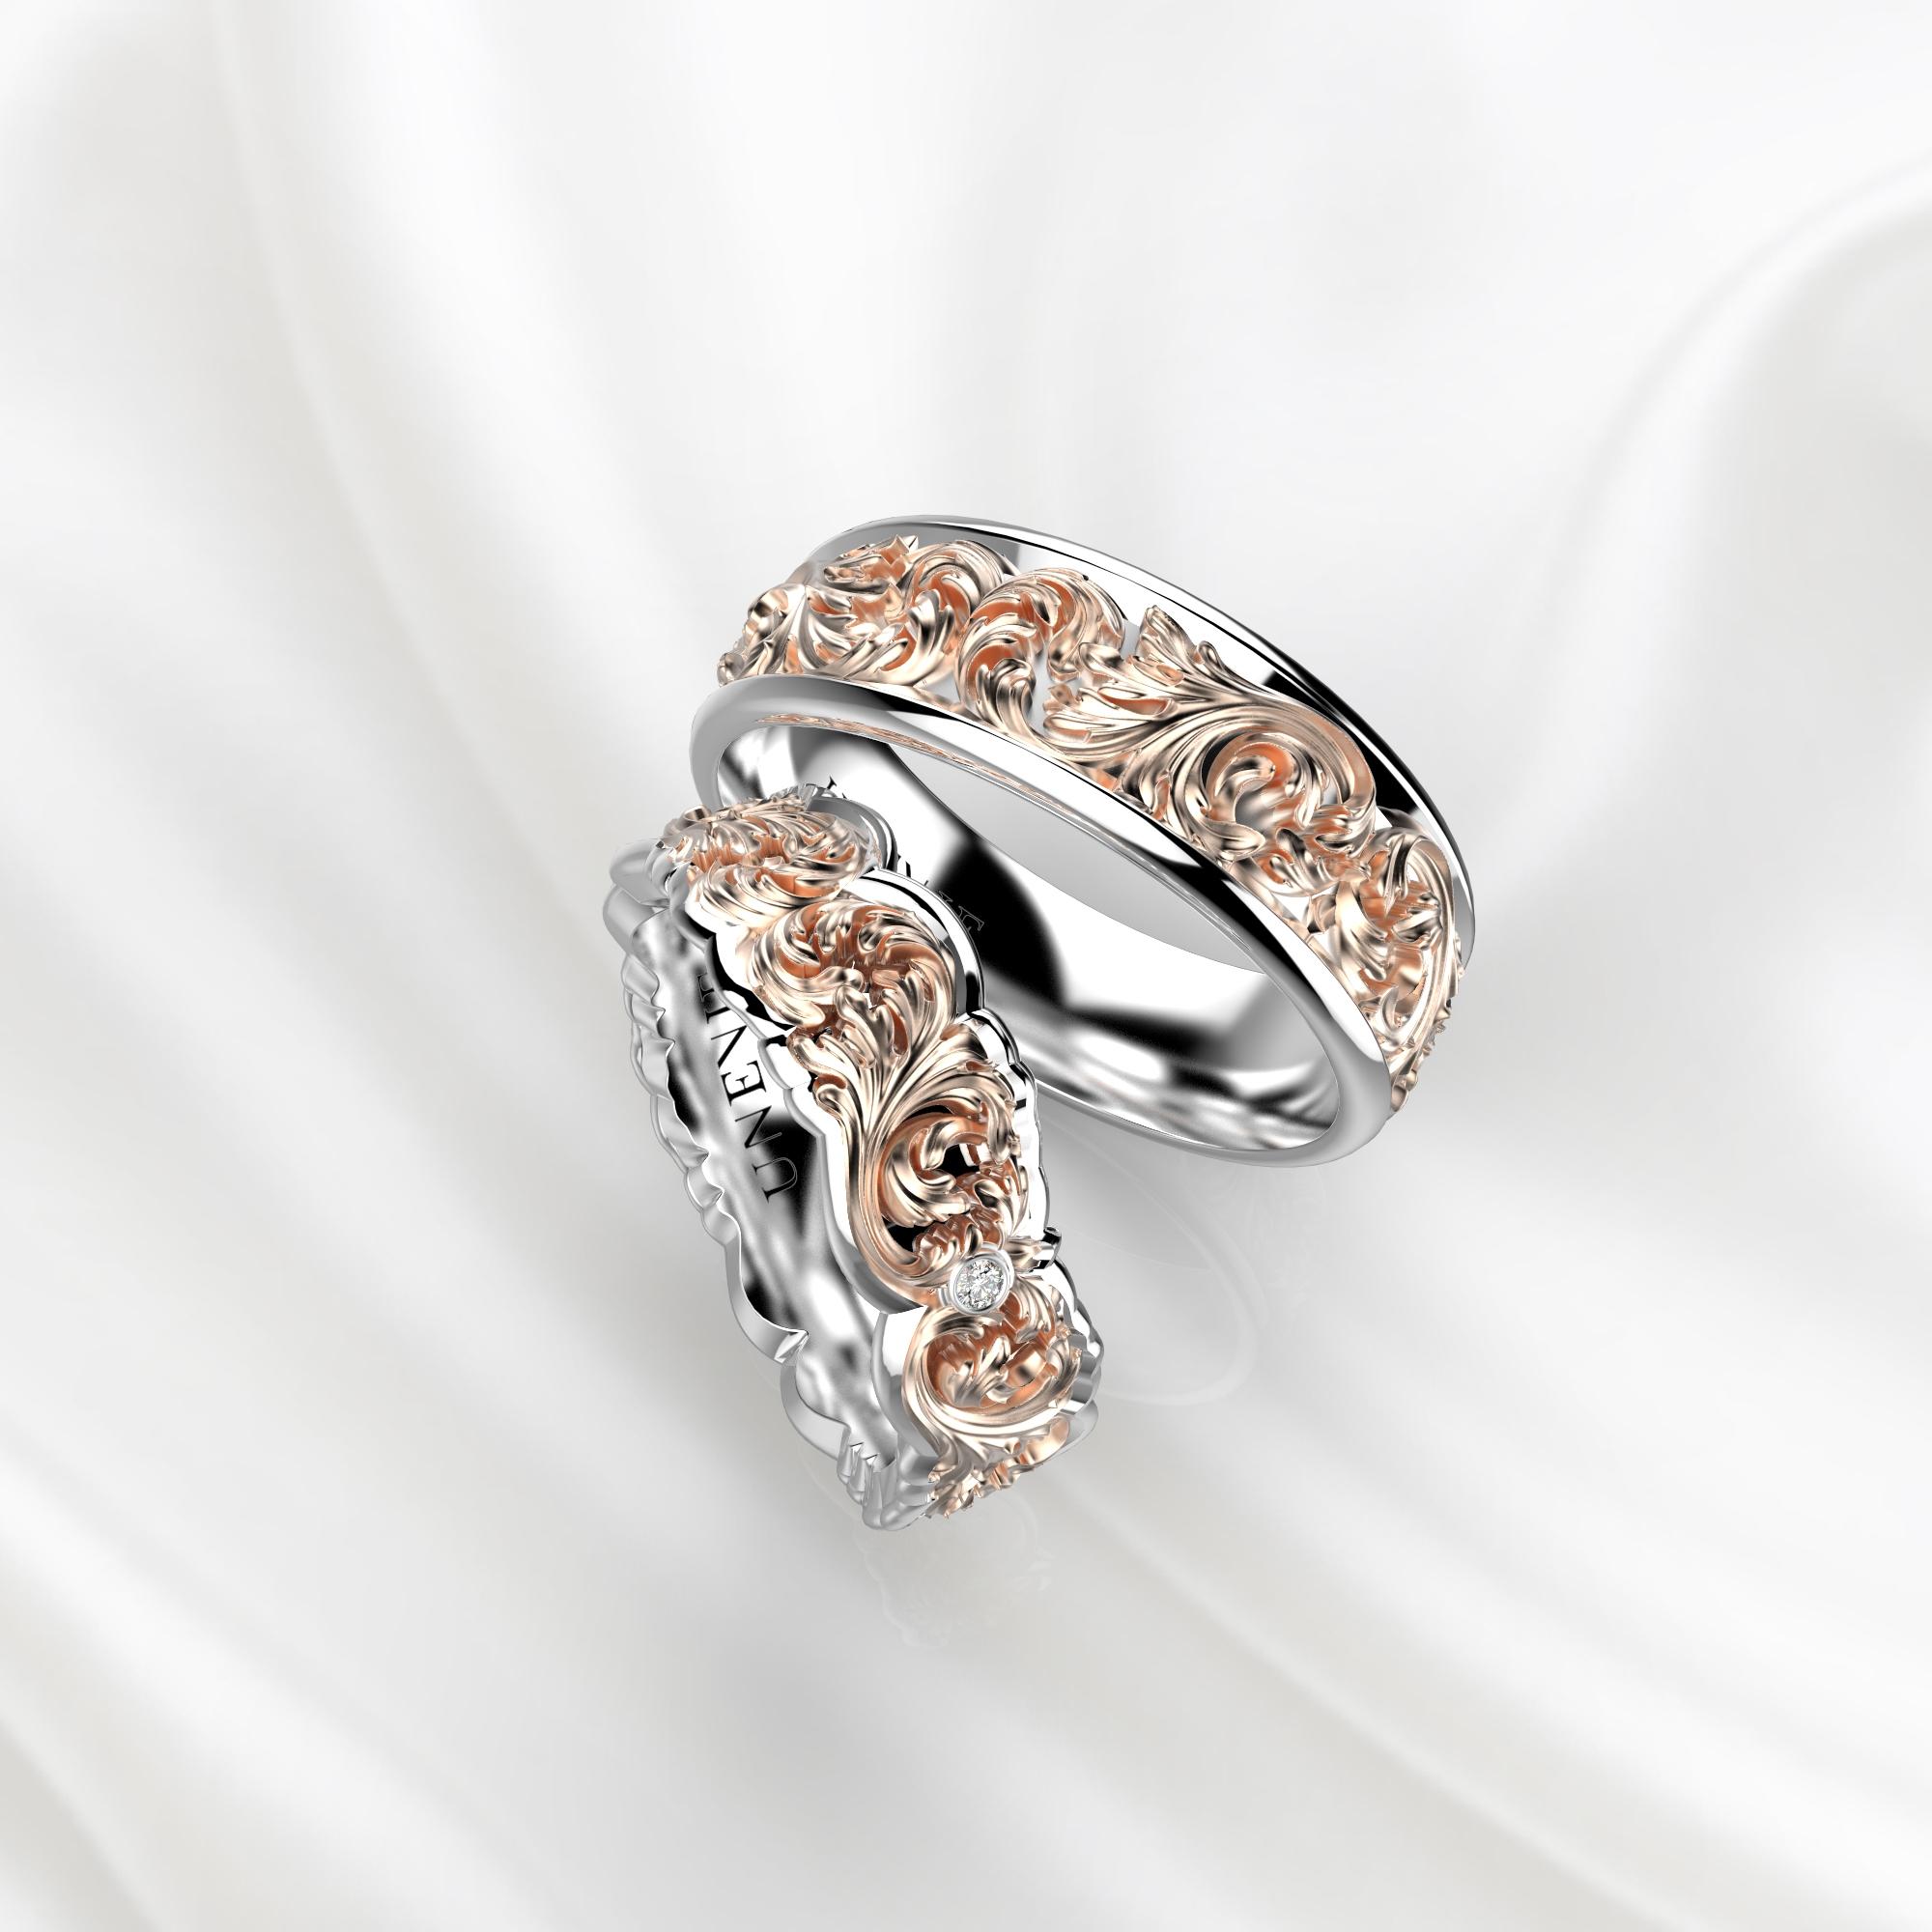 NV33 Обручальные кольца из бело-розового золота с бриллиантами